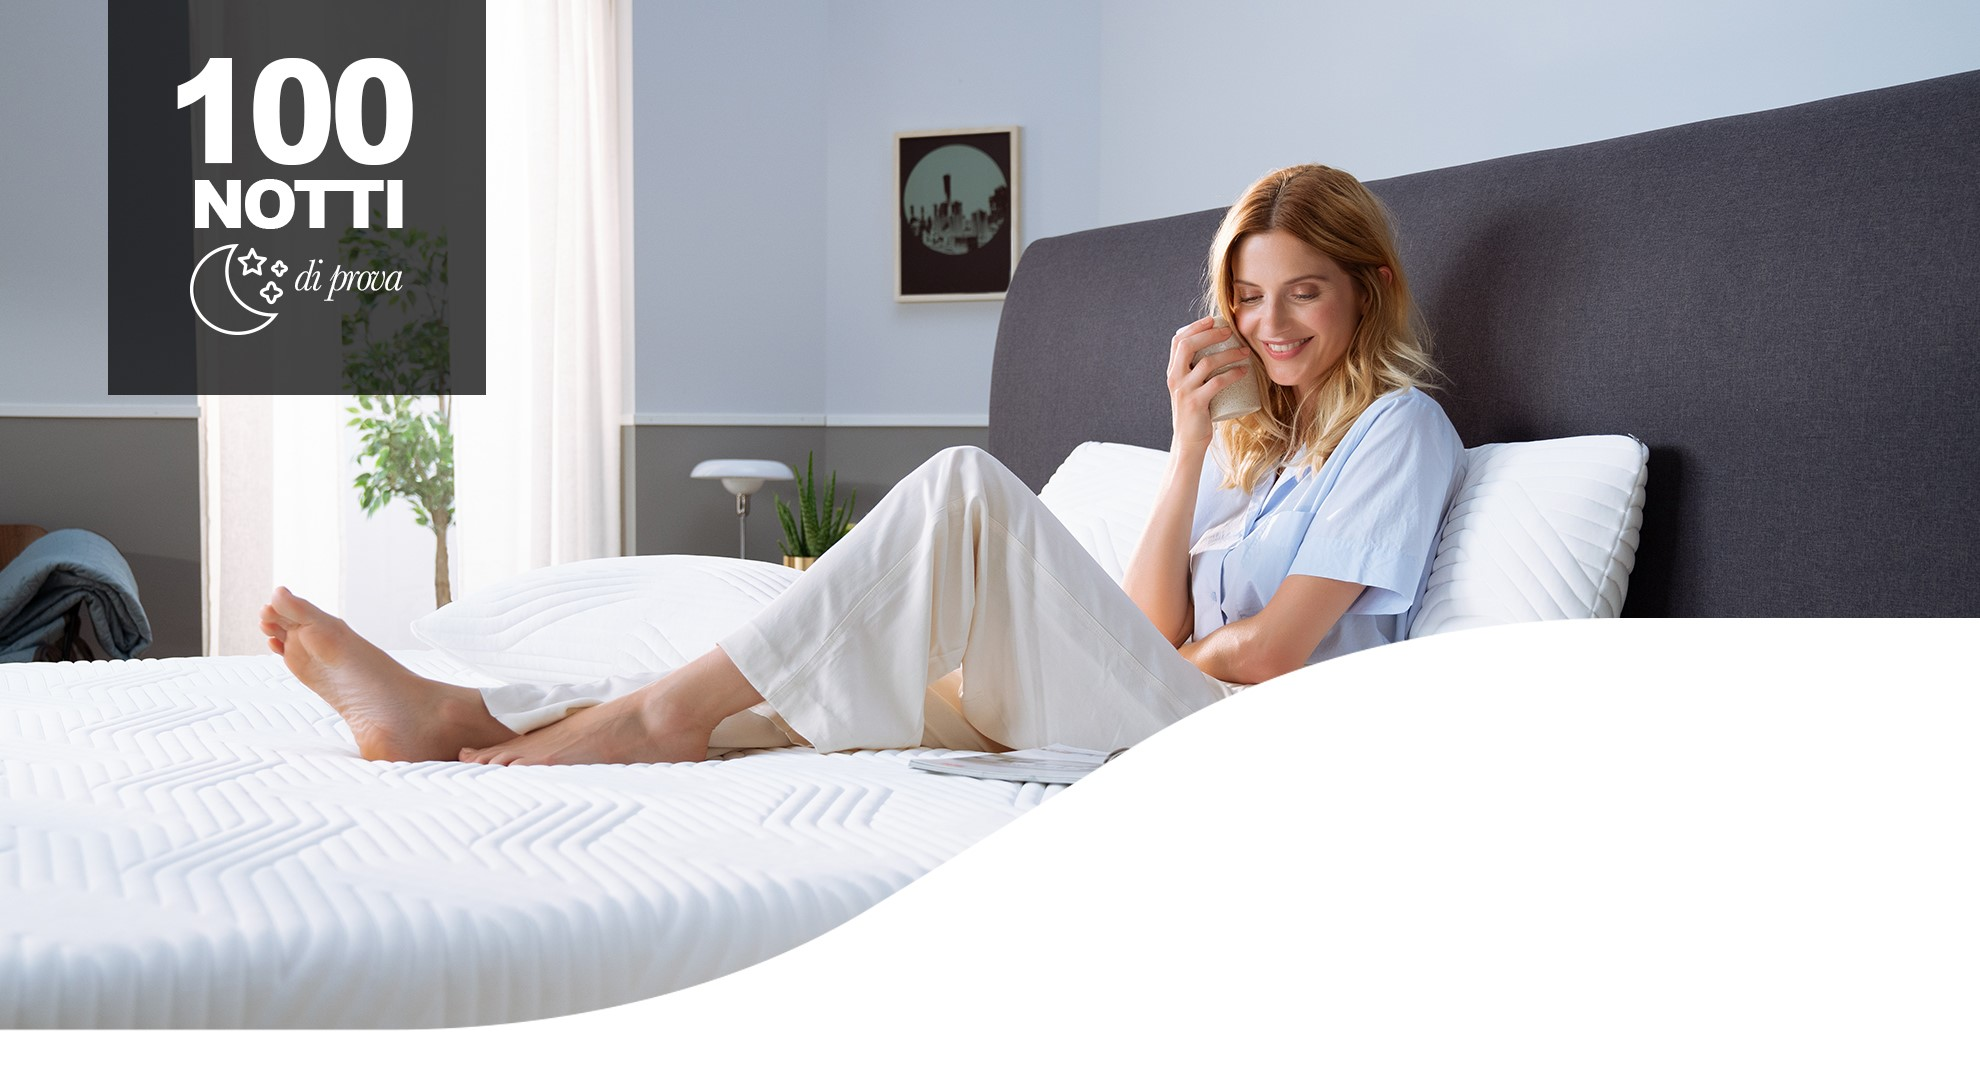 Casa Del Materasso Lugo materassi online, cuscini, letti e accessori per dormire